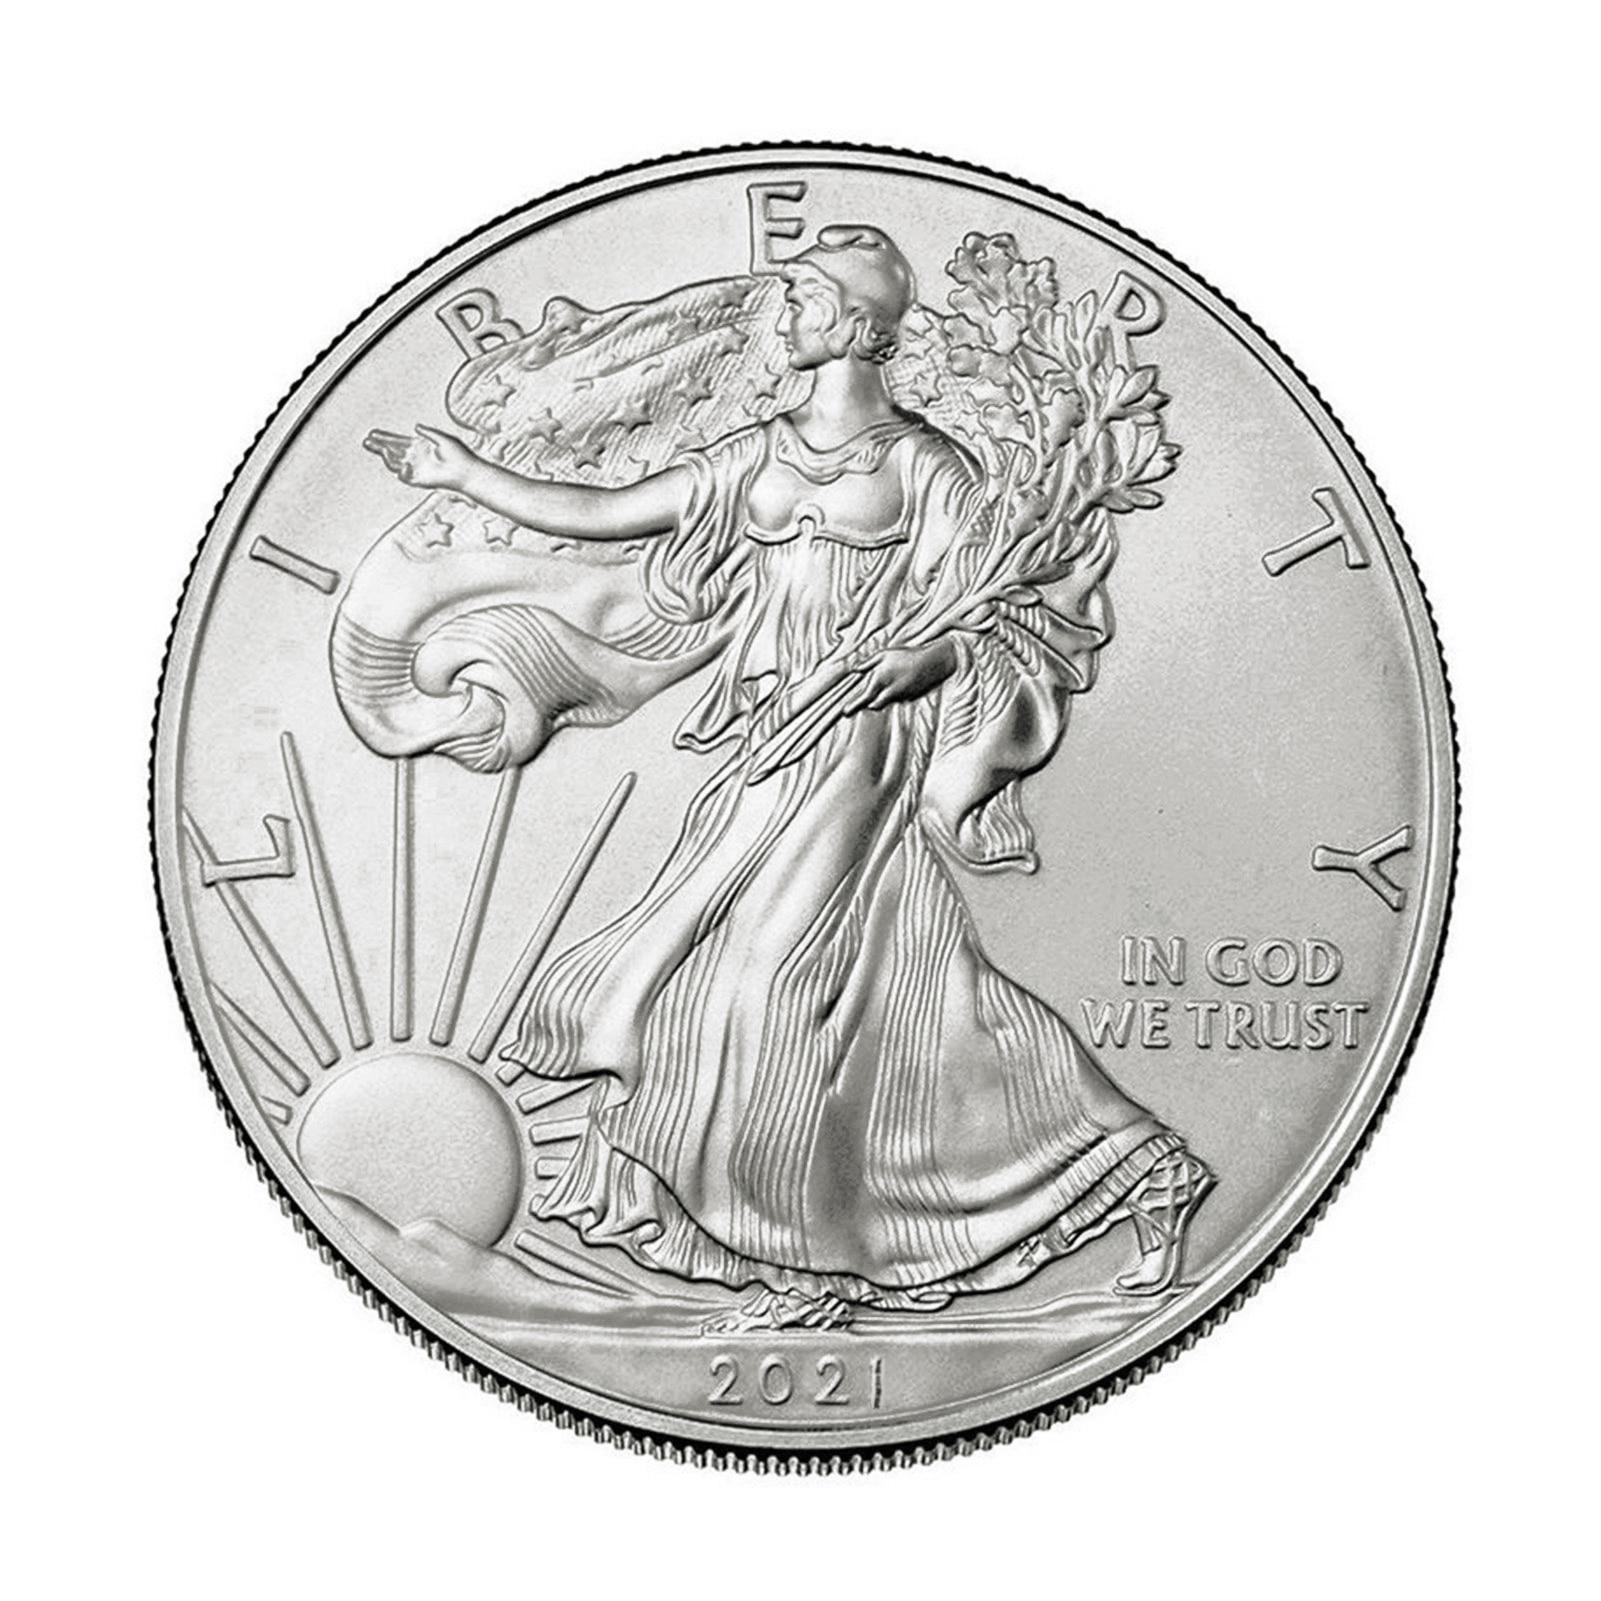 2020 2021 Посеребренная памятная монета американской статуи Свободы, Коллекционная монета Моргана, доллар США, 40 мм x 3 мм